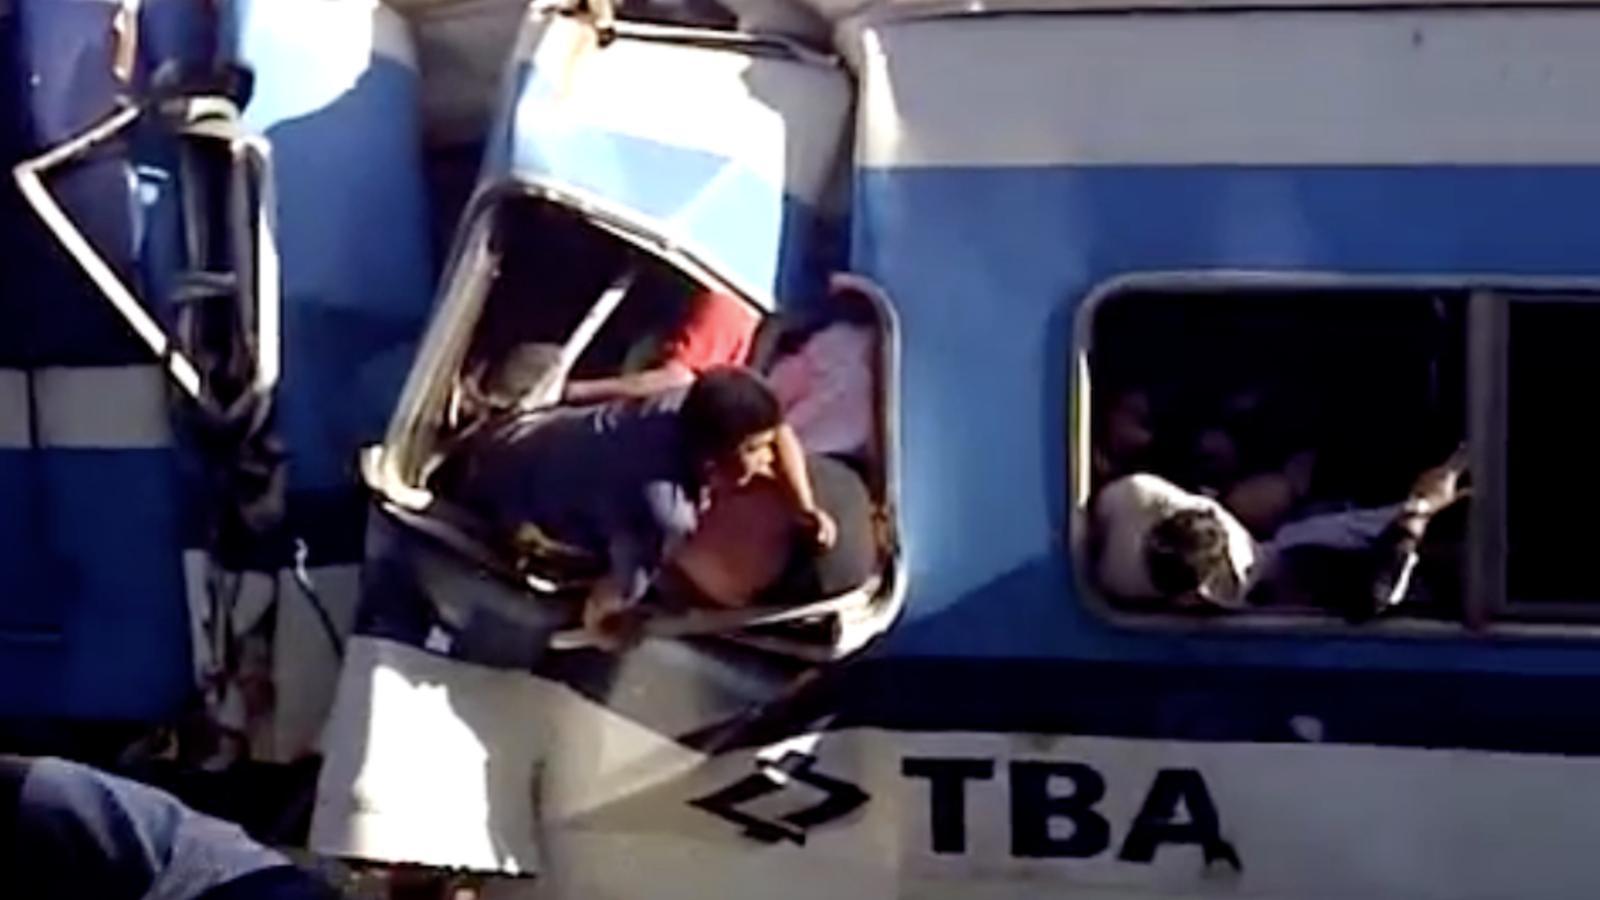 Els primers instants després de l'accident de tren a Buenos Aires